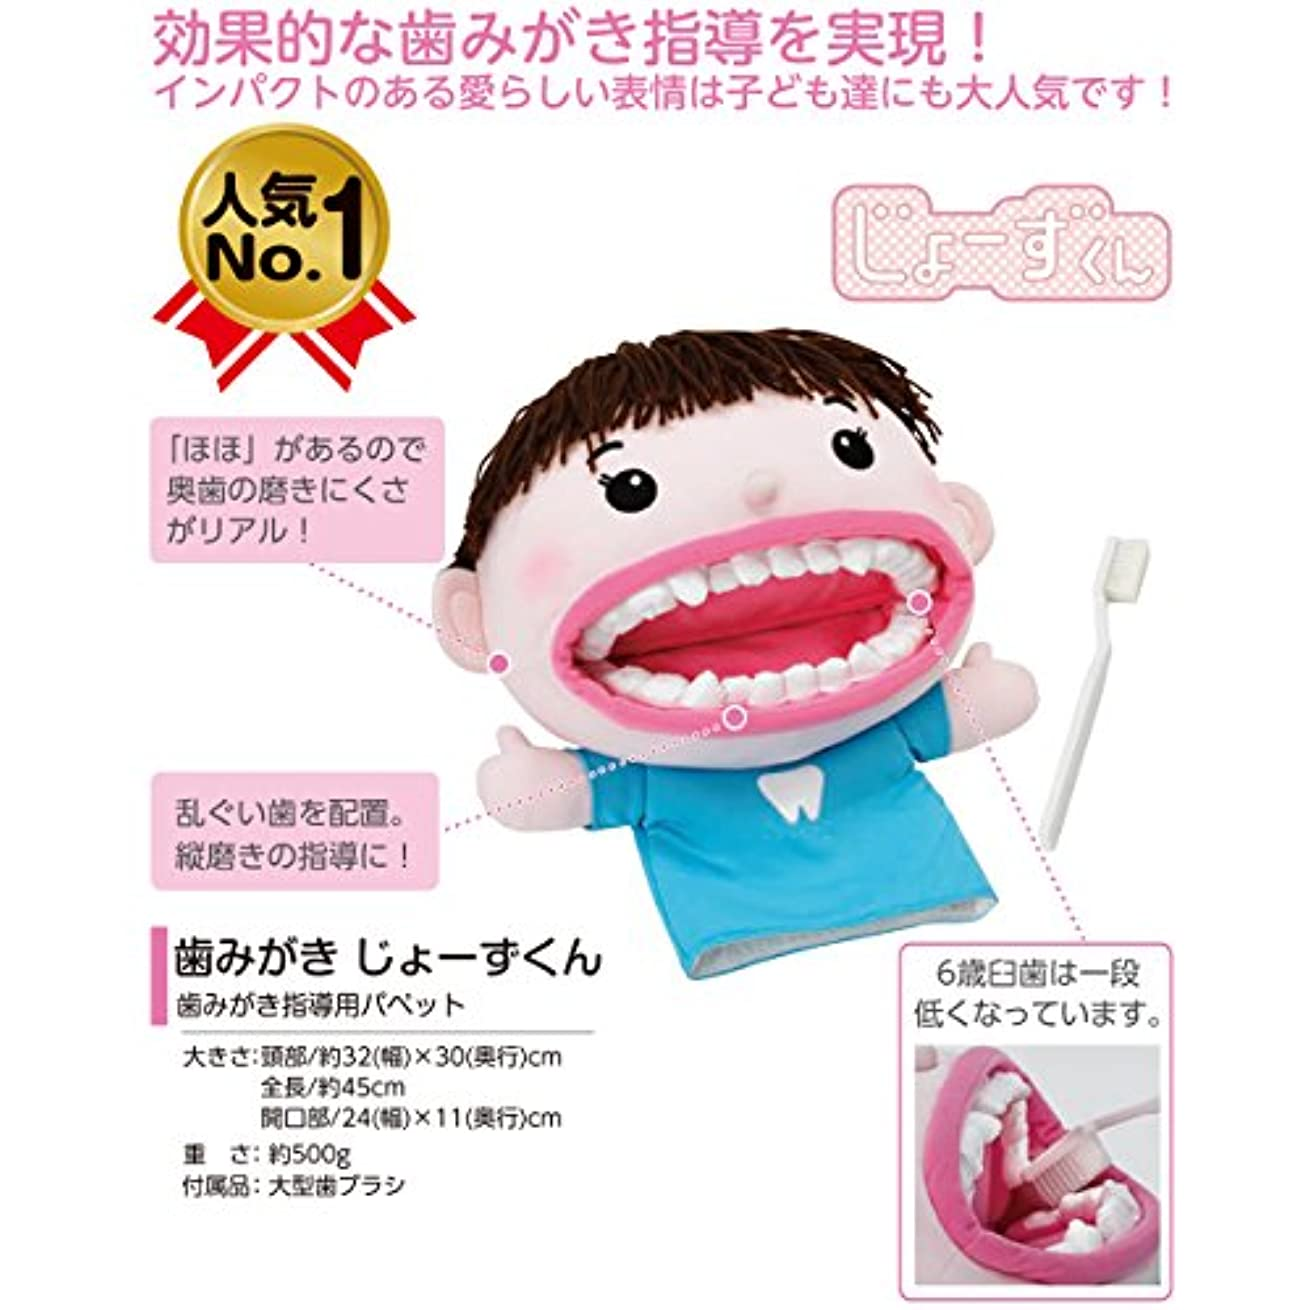 特権的無クラシック歯みがき じょーずくん 歯磨き 指導用 教育用 パペット 人形 ぬいぐるみ